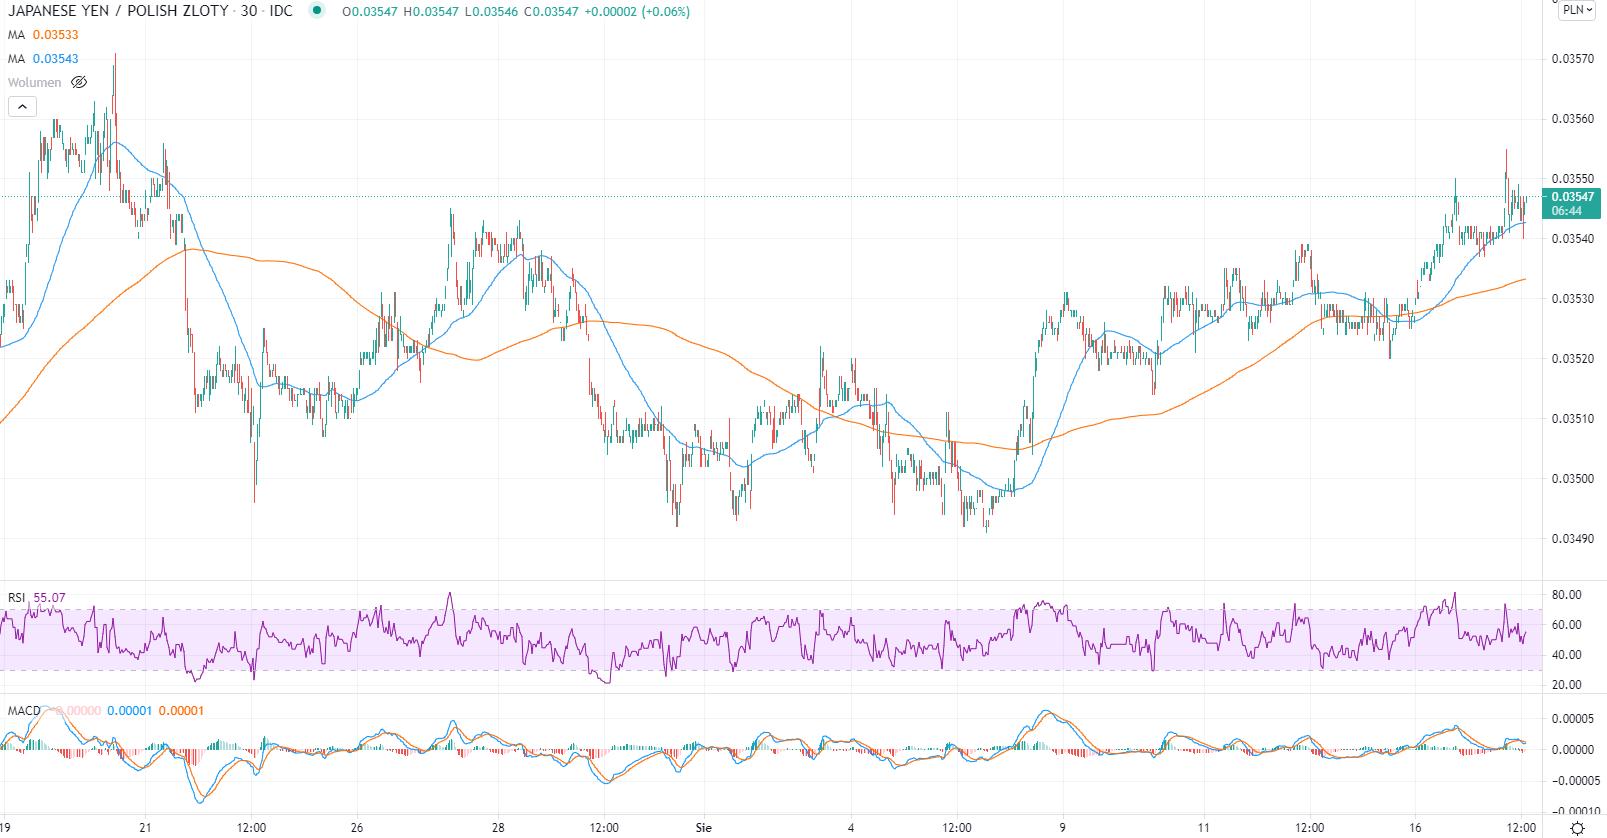 Japoński jen utrzymuje trend wzrostowy. Kierunek 0,036 zł?